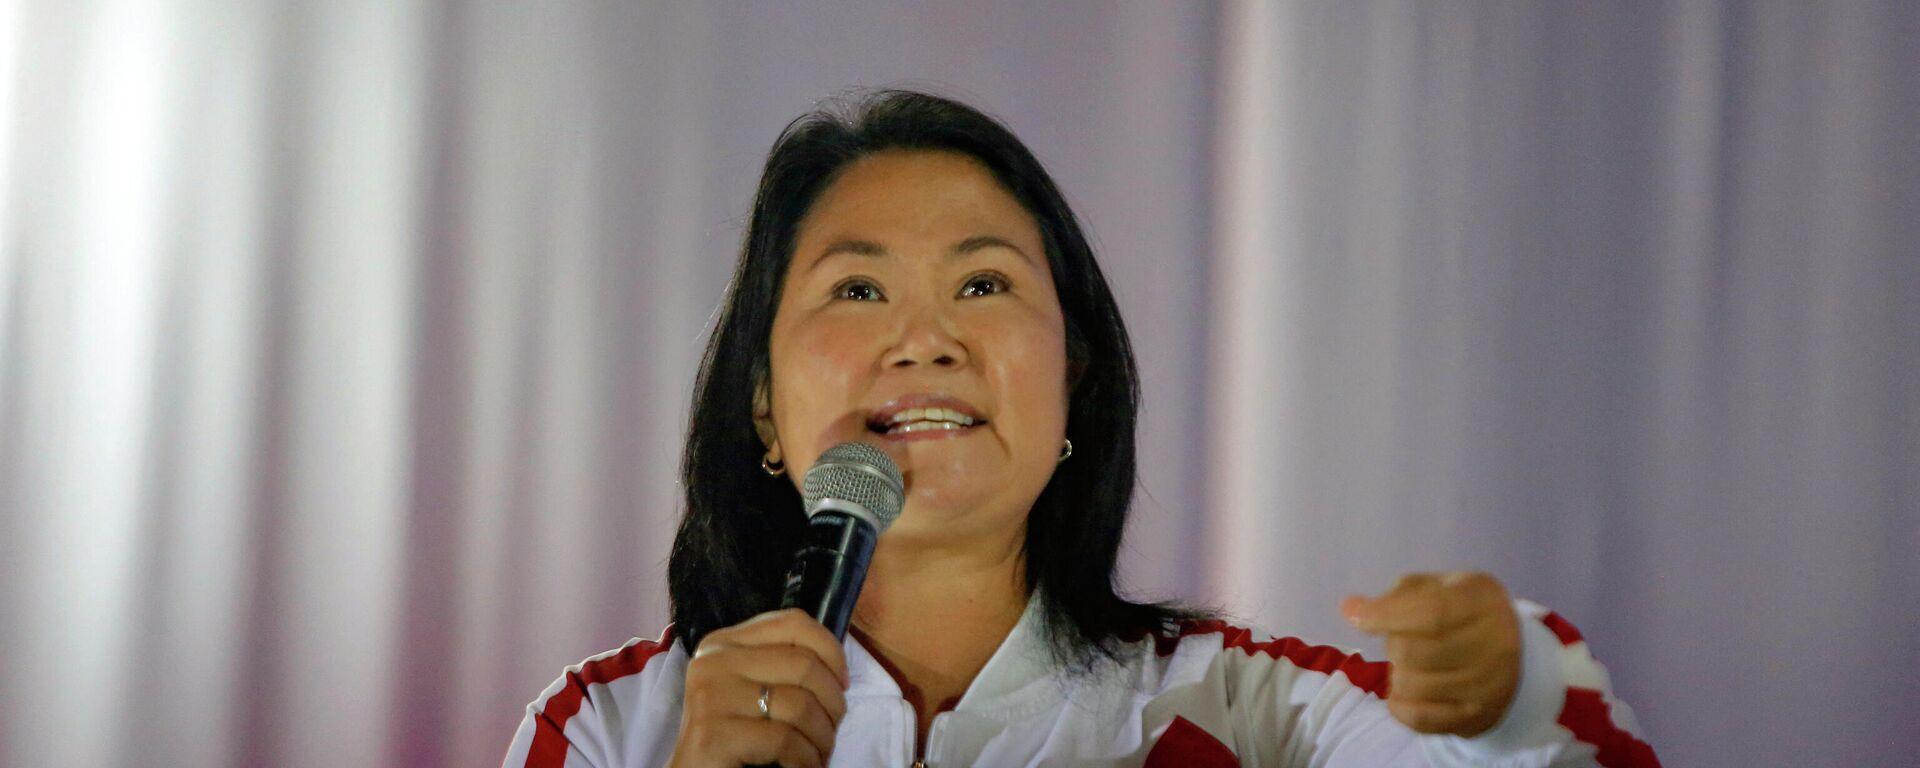 Keiko Fujimori, candidata a la presidencia de Perú - Sputnik Mundo, 1920, 02.07.2021